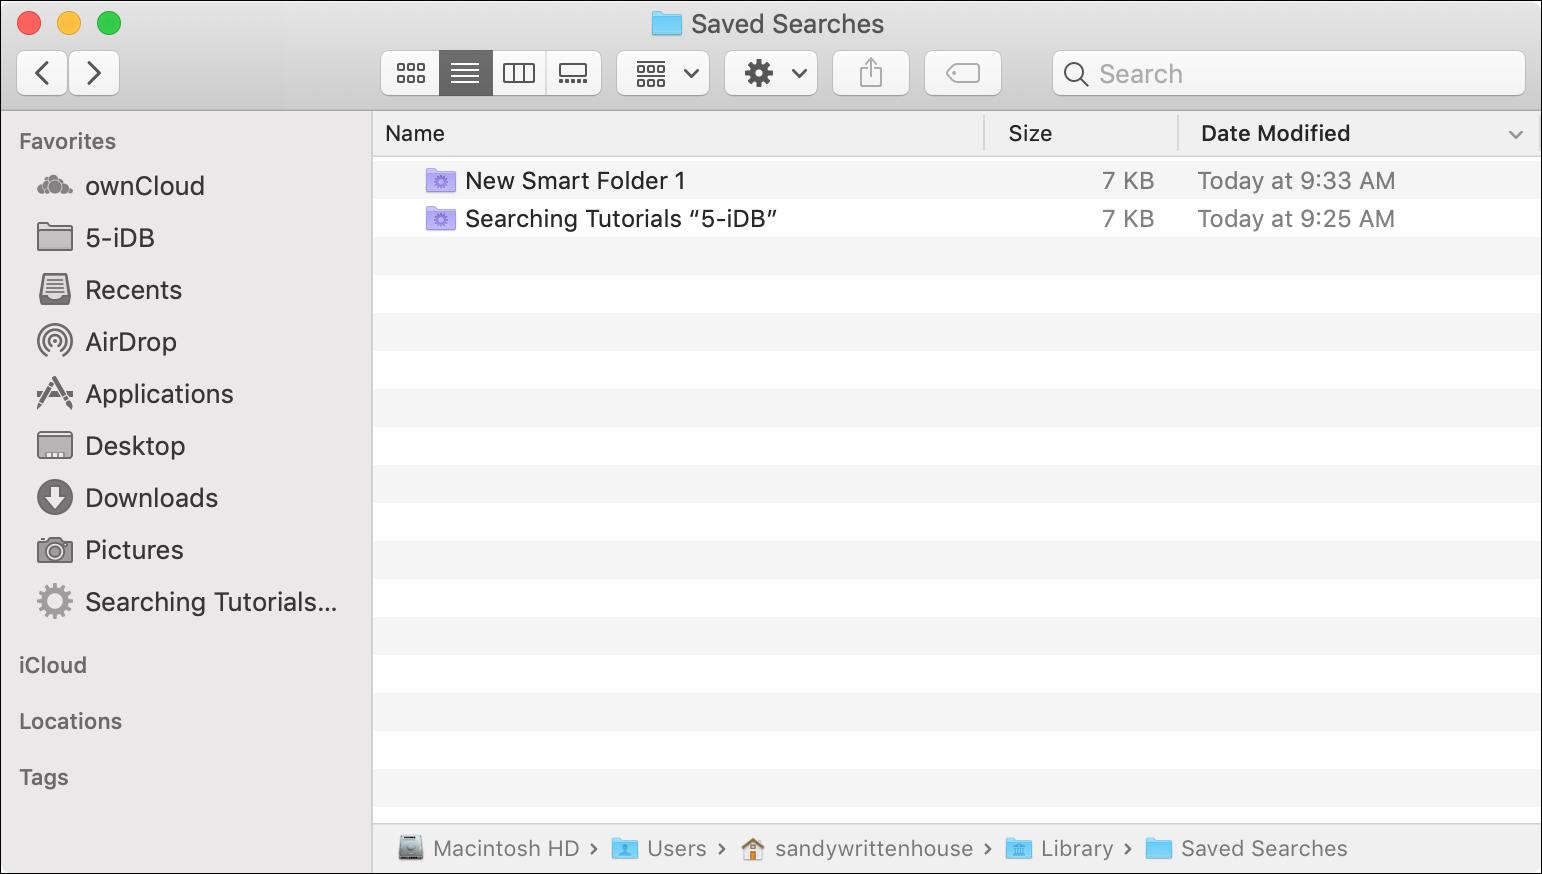 Kiat menghemat waktu untuk menggunakan fitur Pencarian Finder di Mac 1